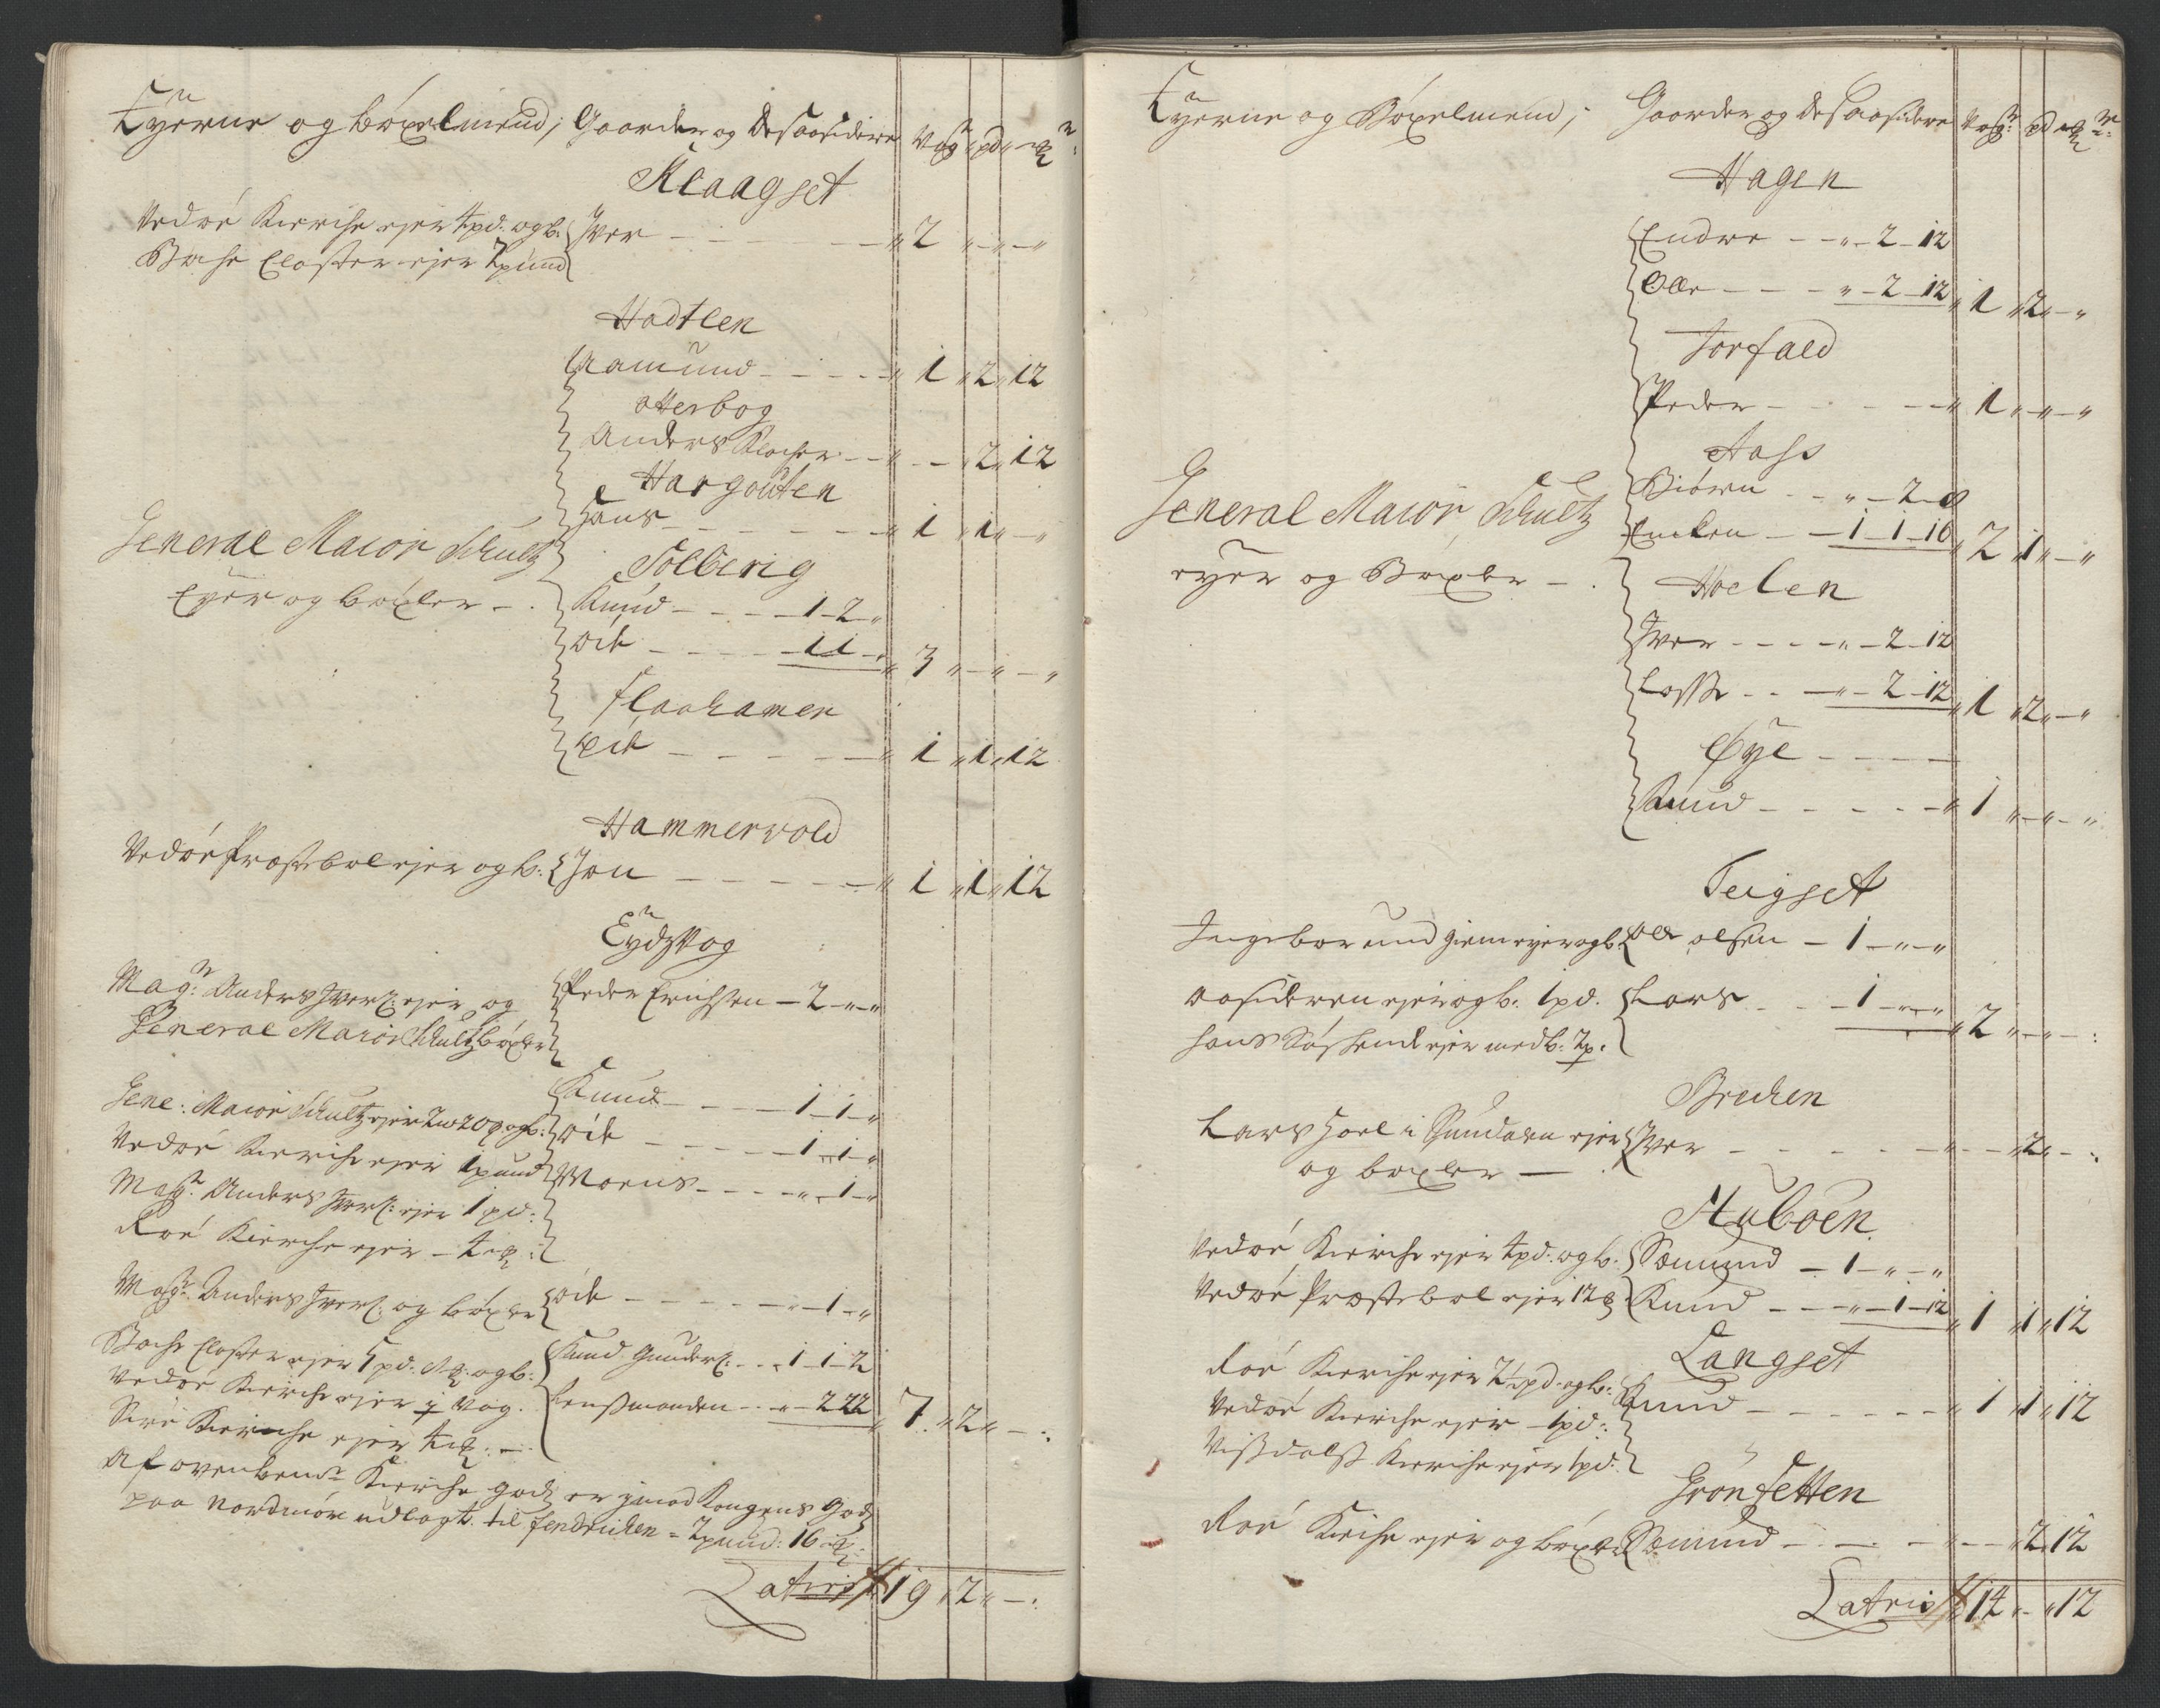 RA, Rentekammeret inntil 1814, Reviderte regnskaper, Fogderegnskap, R55/L3659: Fogderegnskap Romsdal, 1709-1710, s. 42